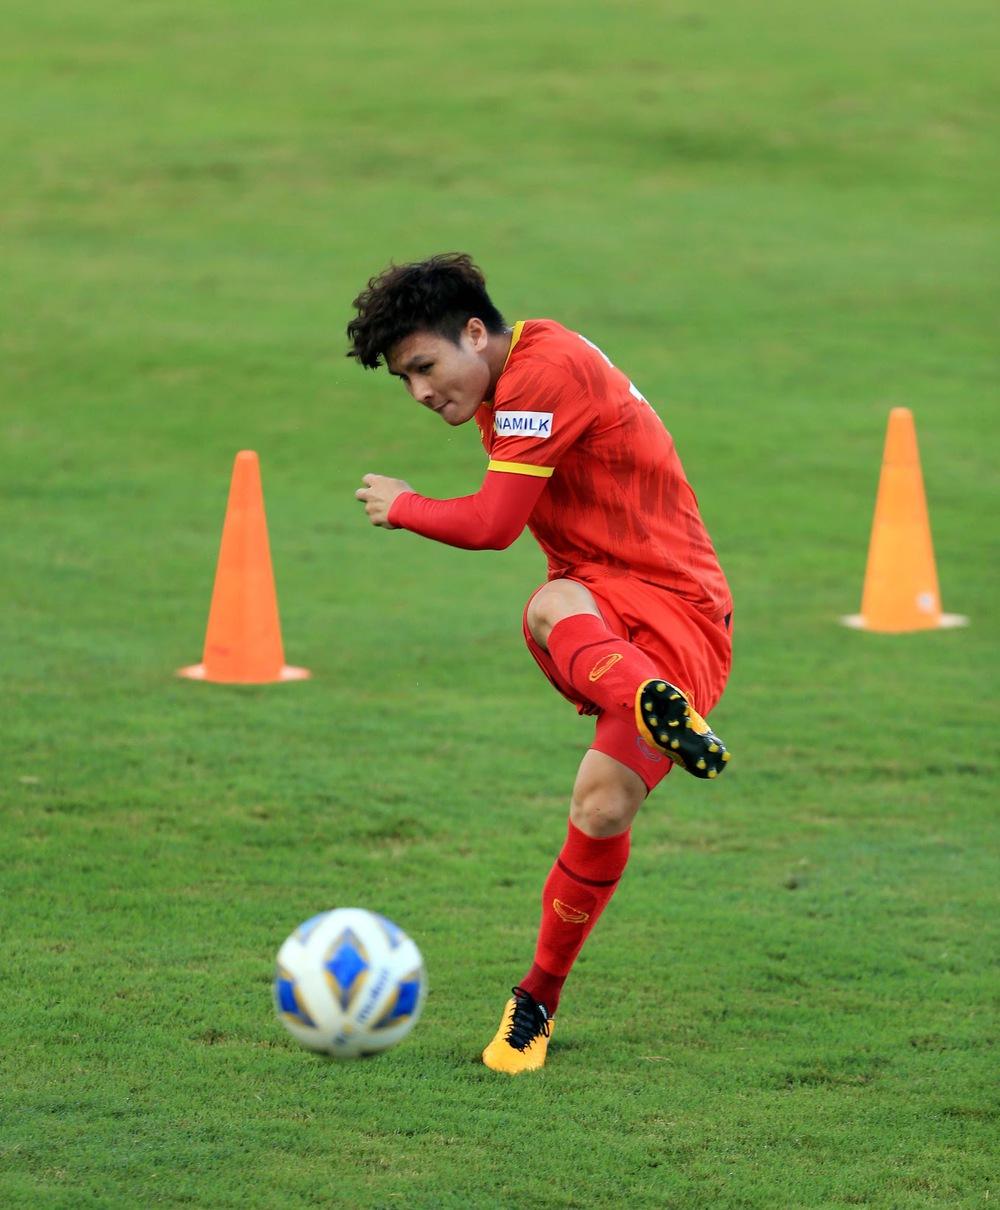 Thêm một cầu thủ U22 được bổ sung lên đội tuyển Việt Nam cho chiến dịch Vòng loại World Cup 2022 - Ảnh 20.